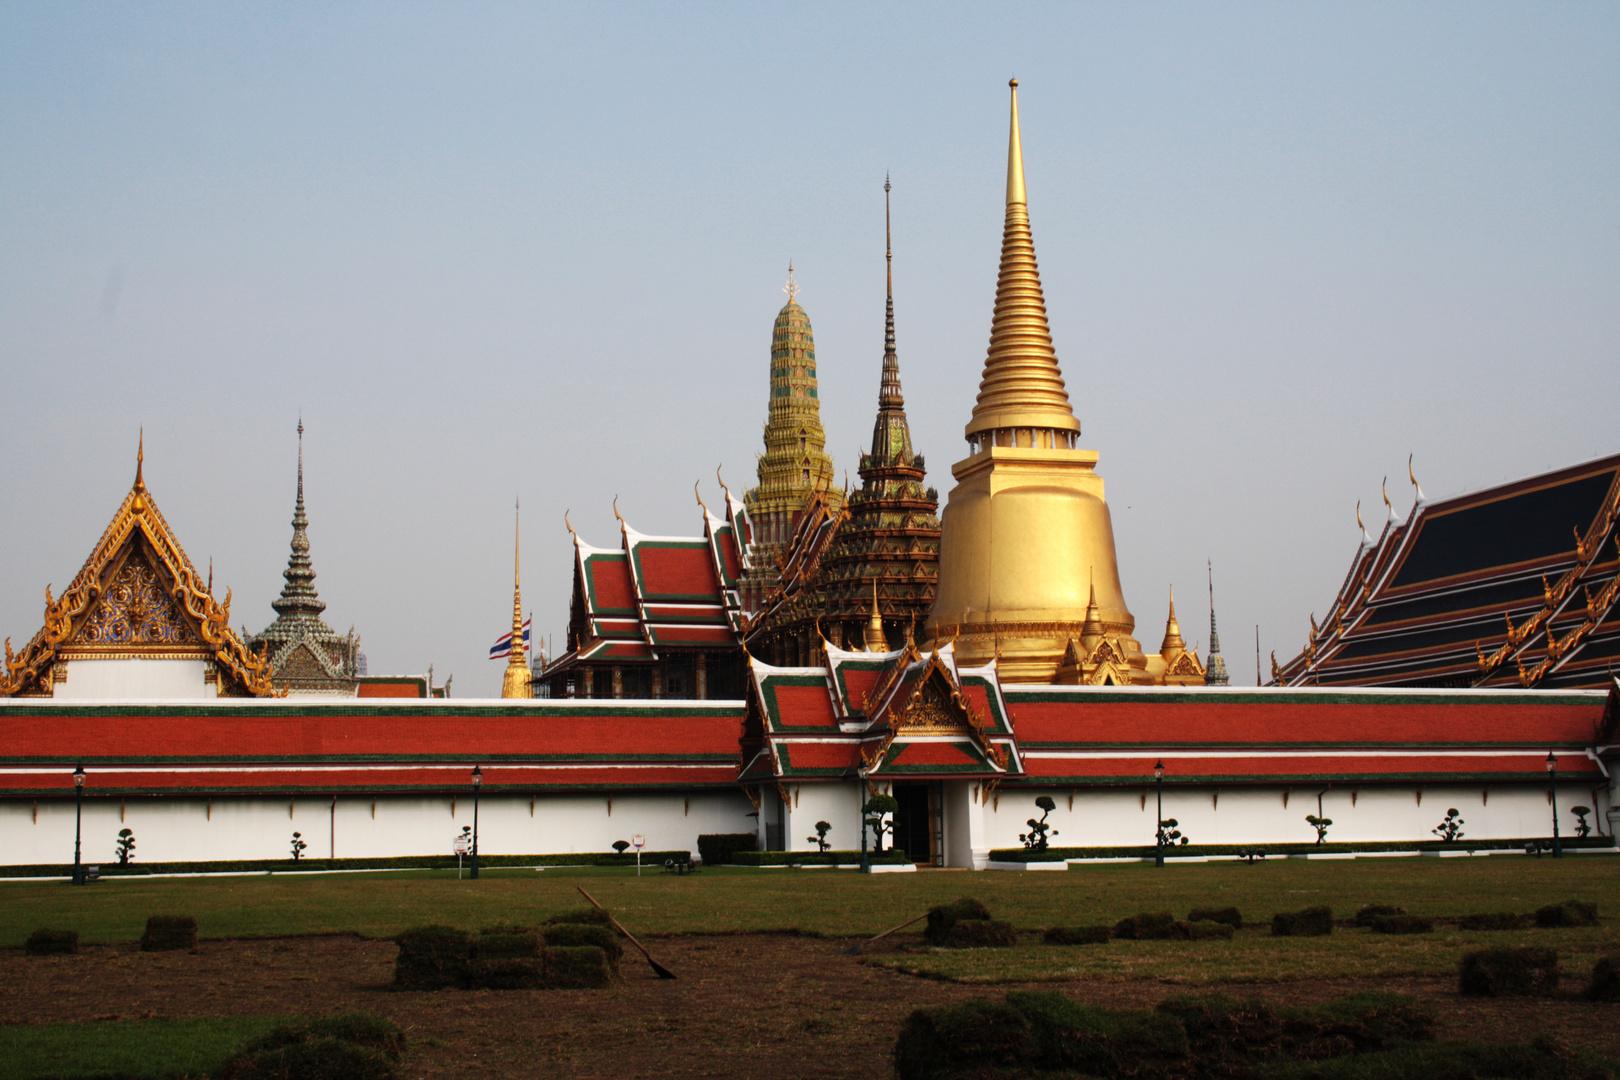 Grand Palace - Wat Phra Kaew